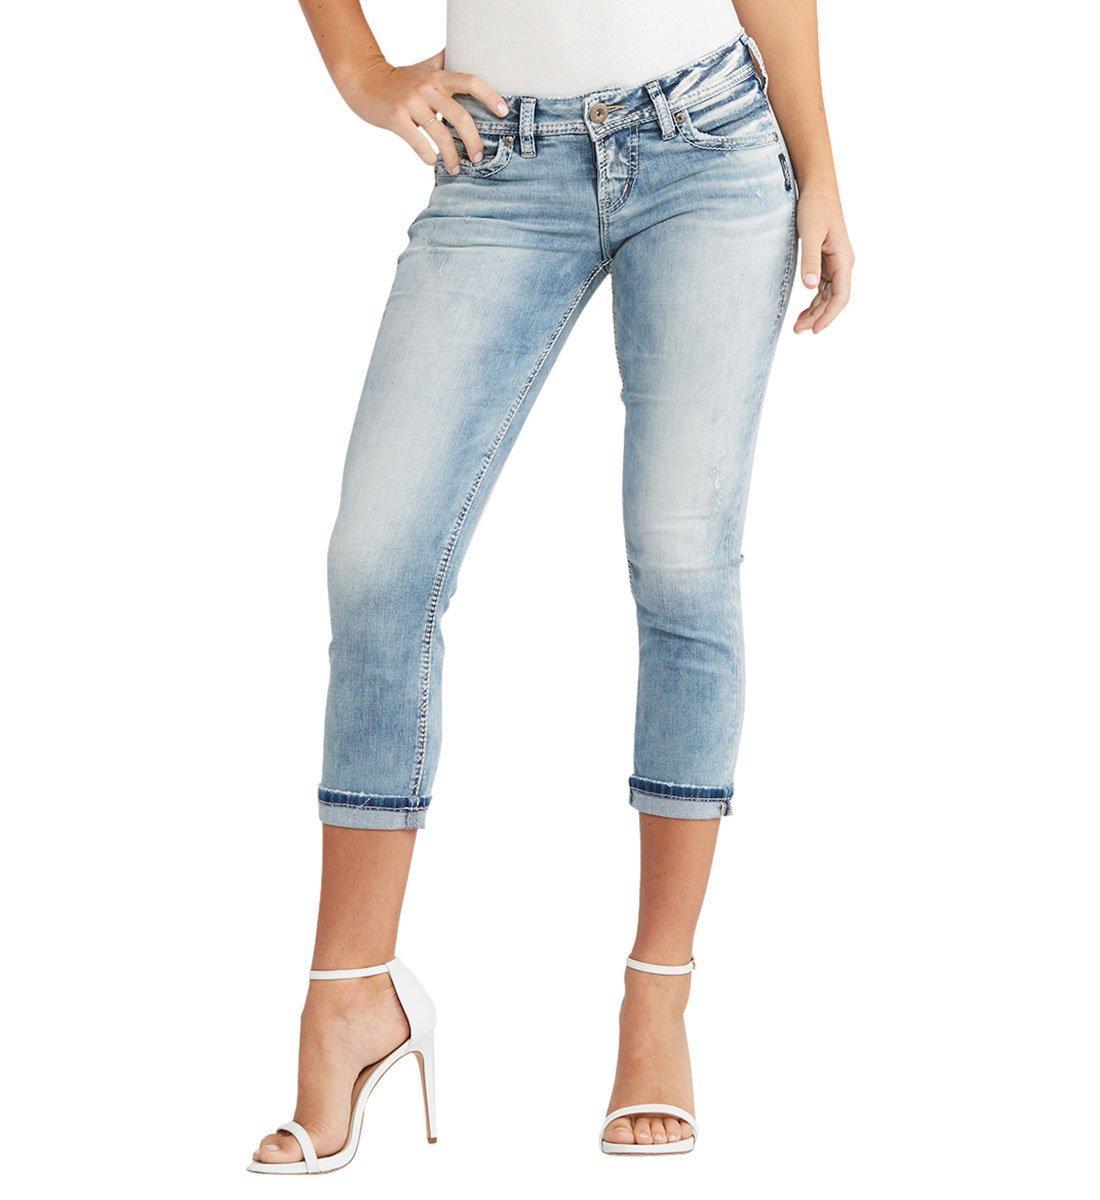 Silver Jeans Women's Berkley Sorta Straight-Fit Low-Rise Capri, Light Wash, 29